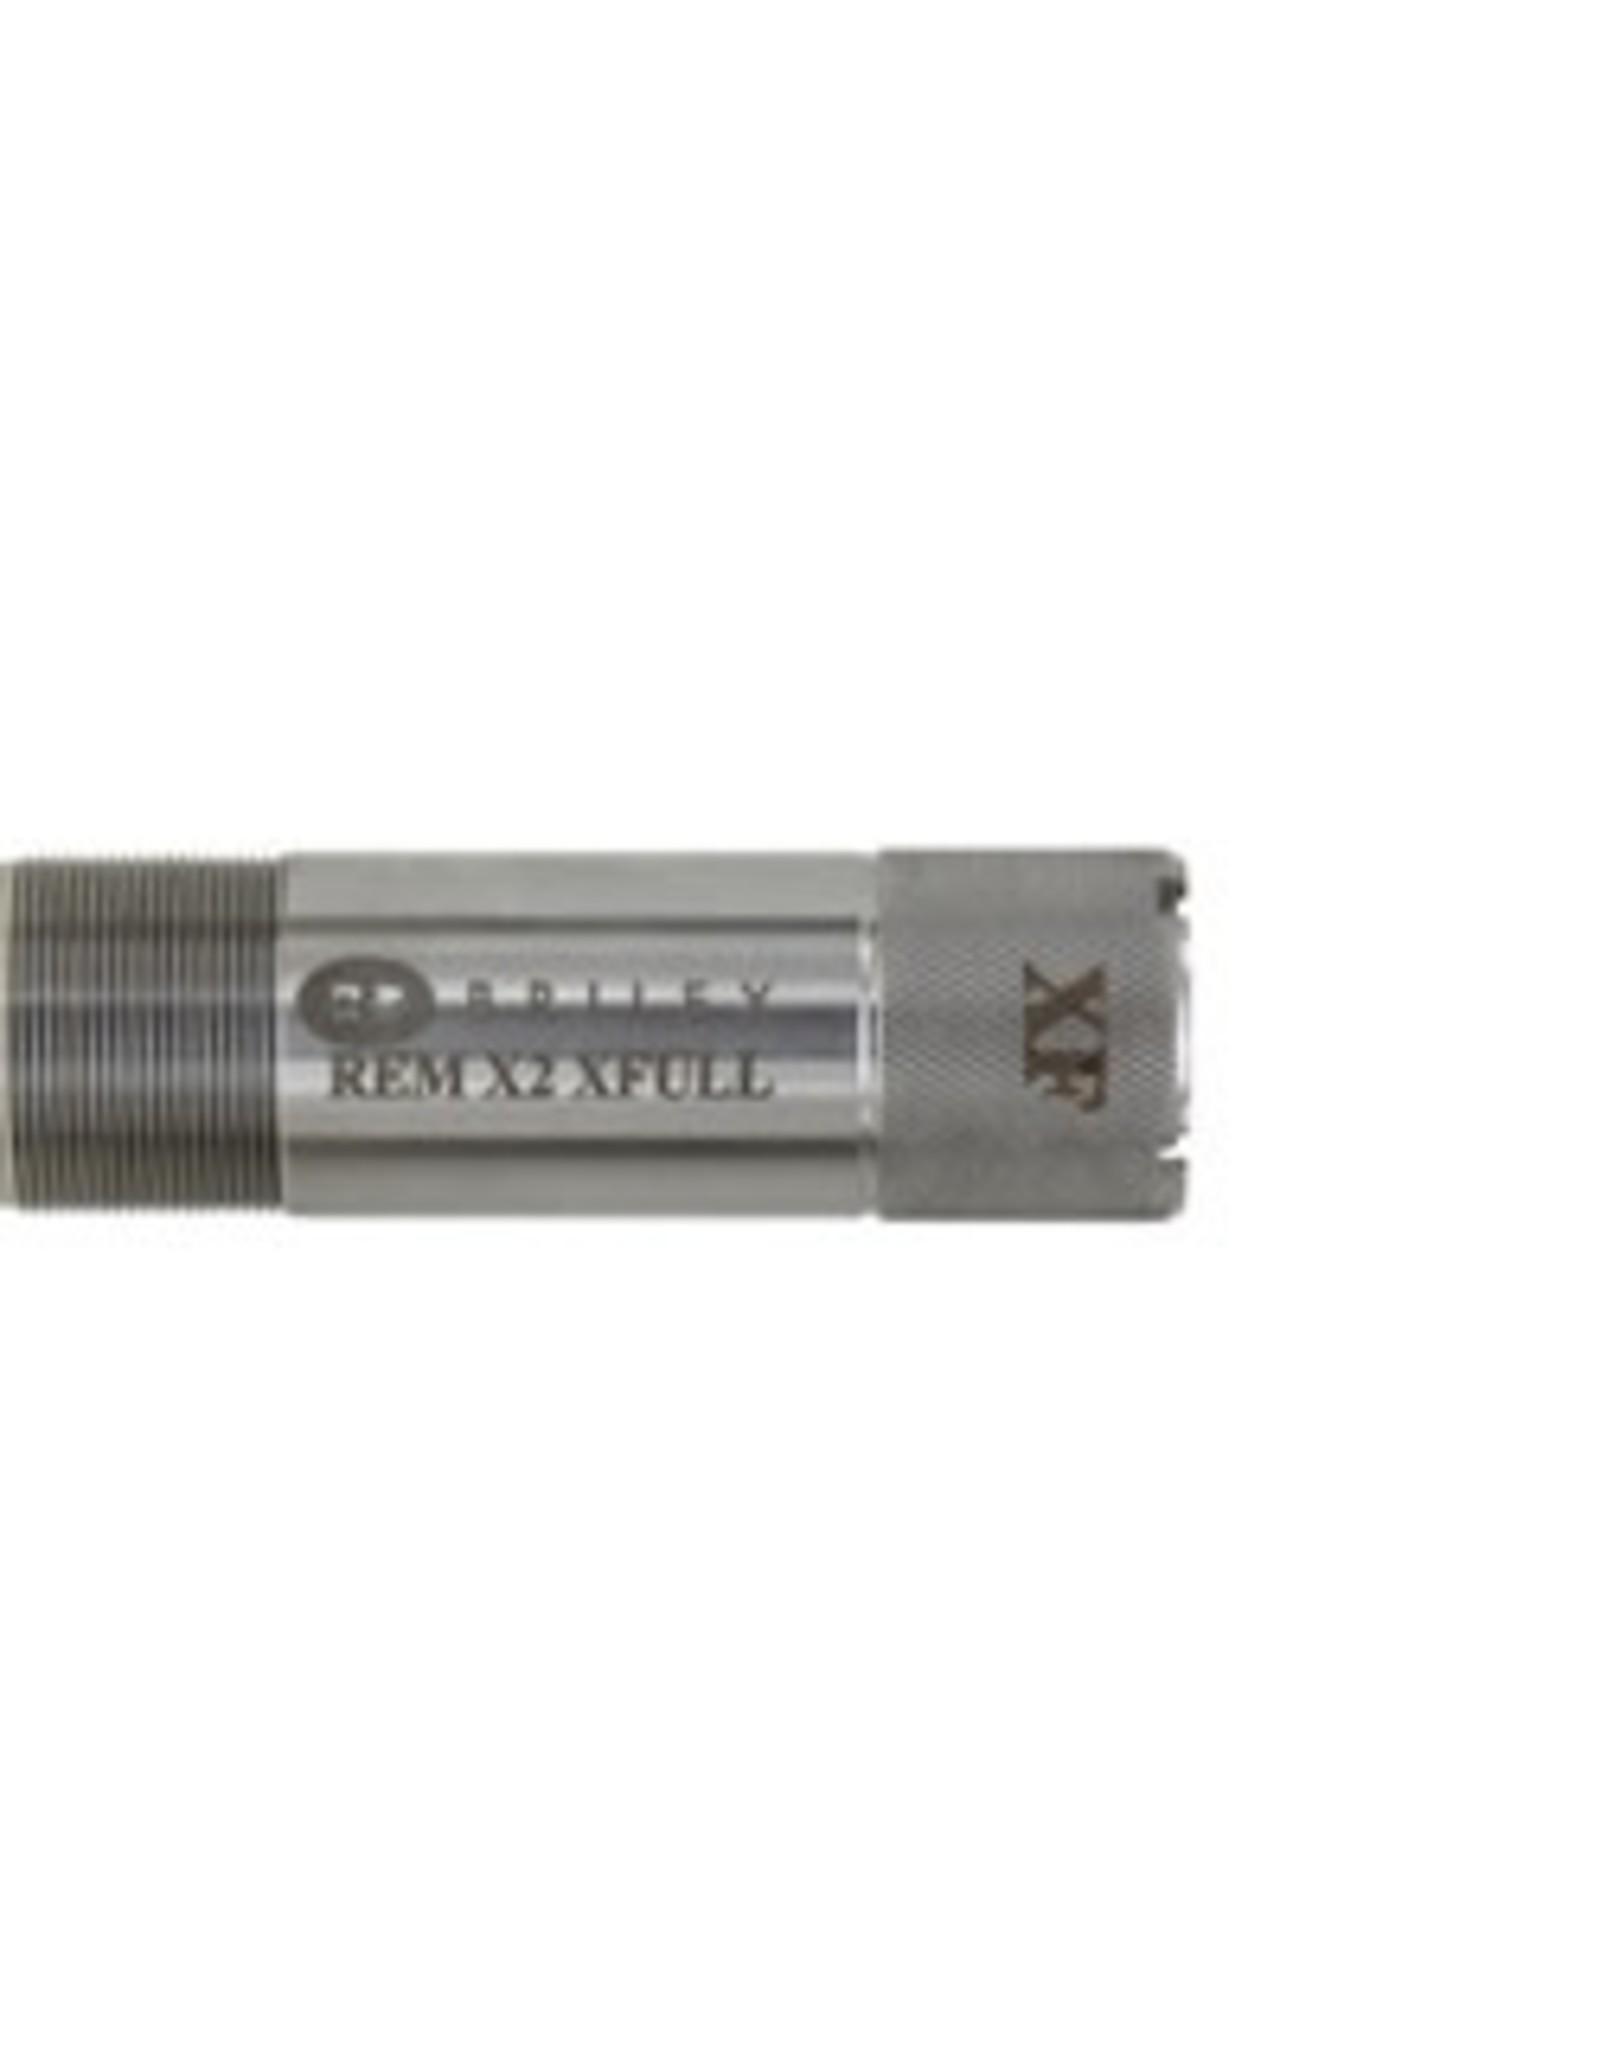 Remington 20 ga Ext SS - Light Modified